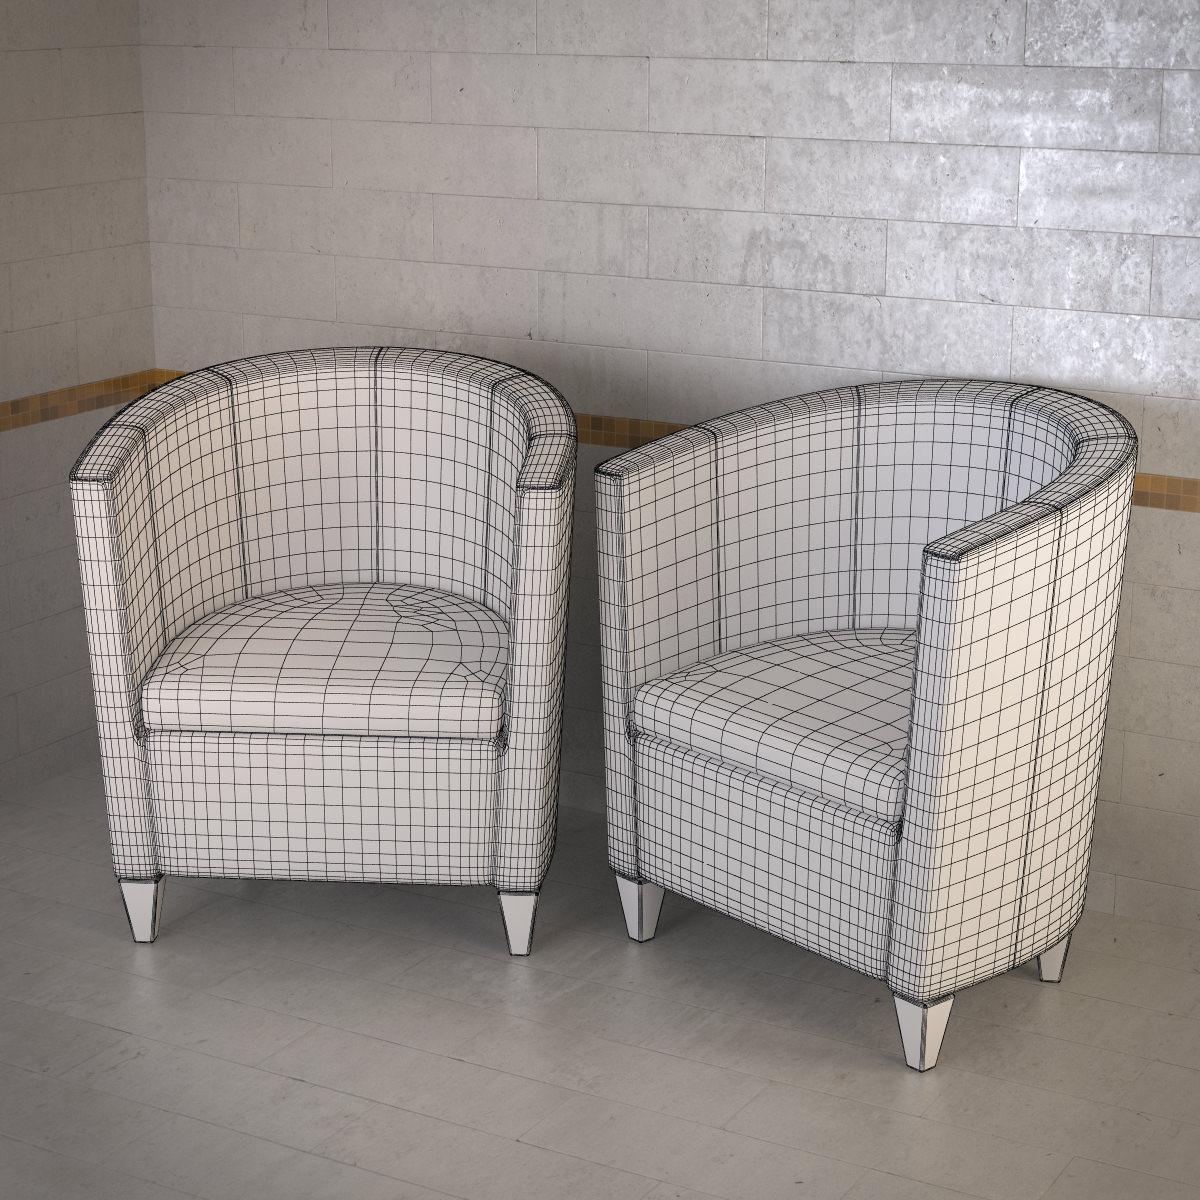 Topdeq john bronco armchair 3d model 3ds fbx dxf obj max for Topdeq katalog